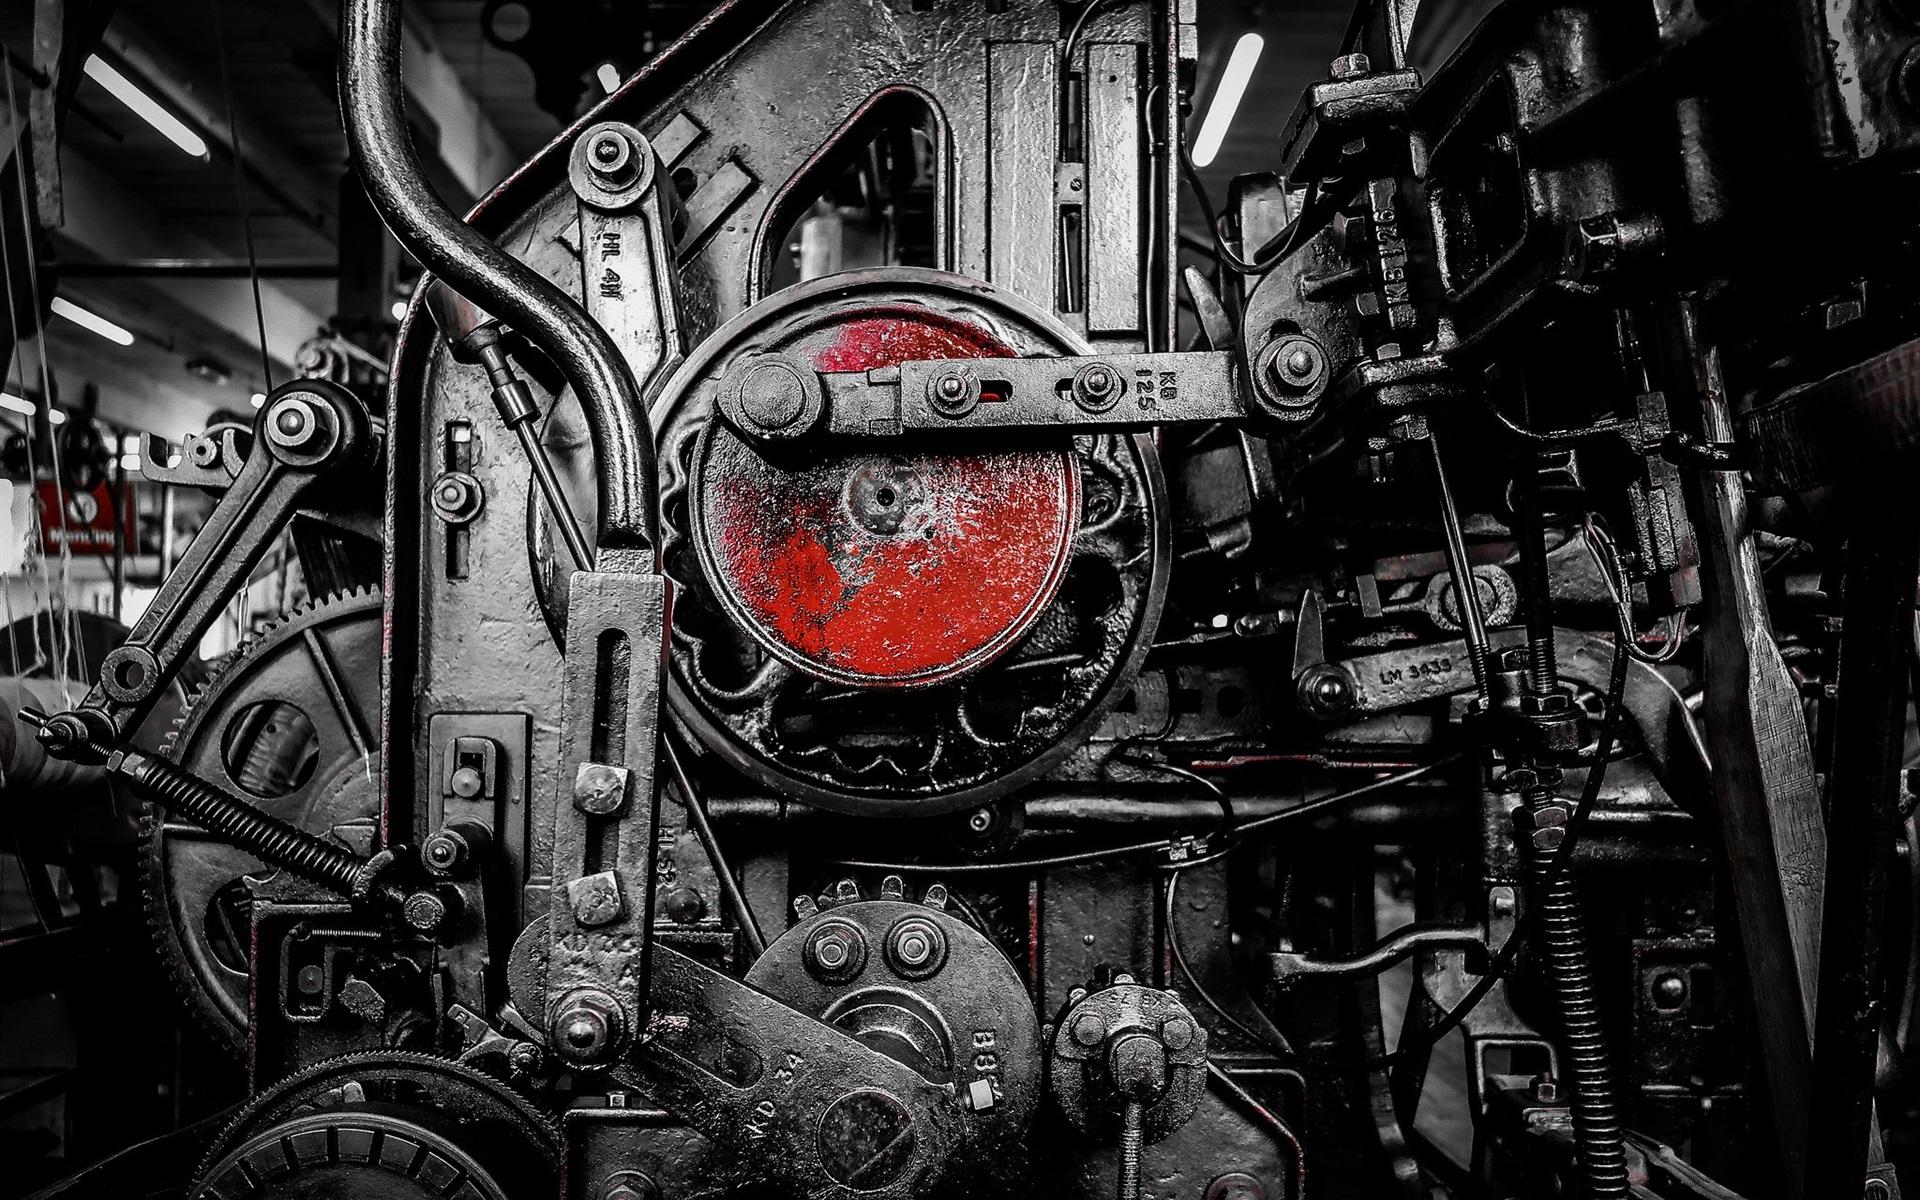 壁紙 機械 エンジン 1920x1200 Hd 無料のデスクトップの背景 画像